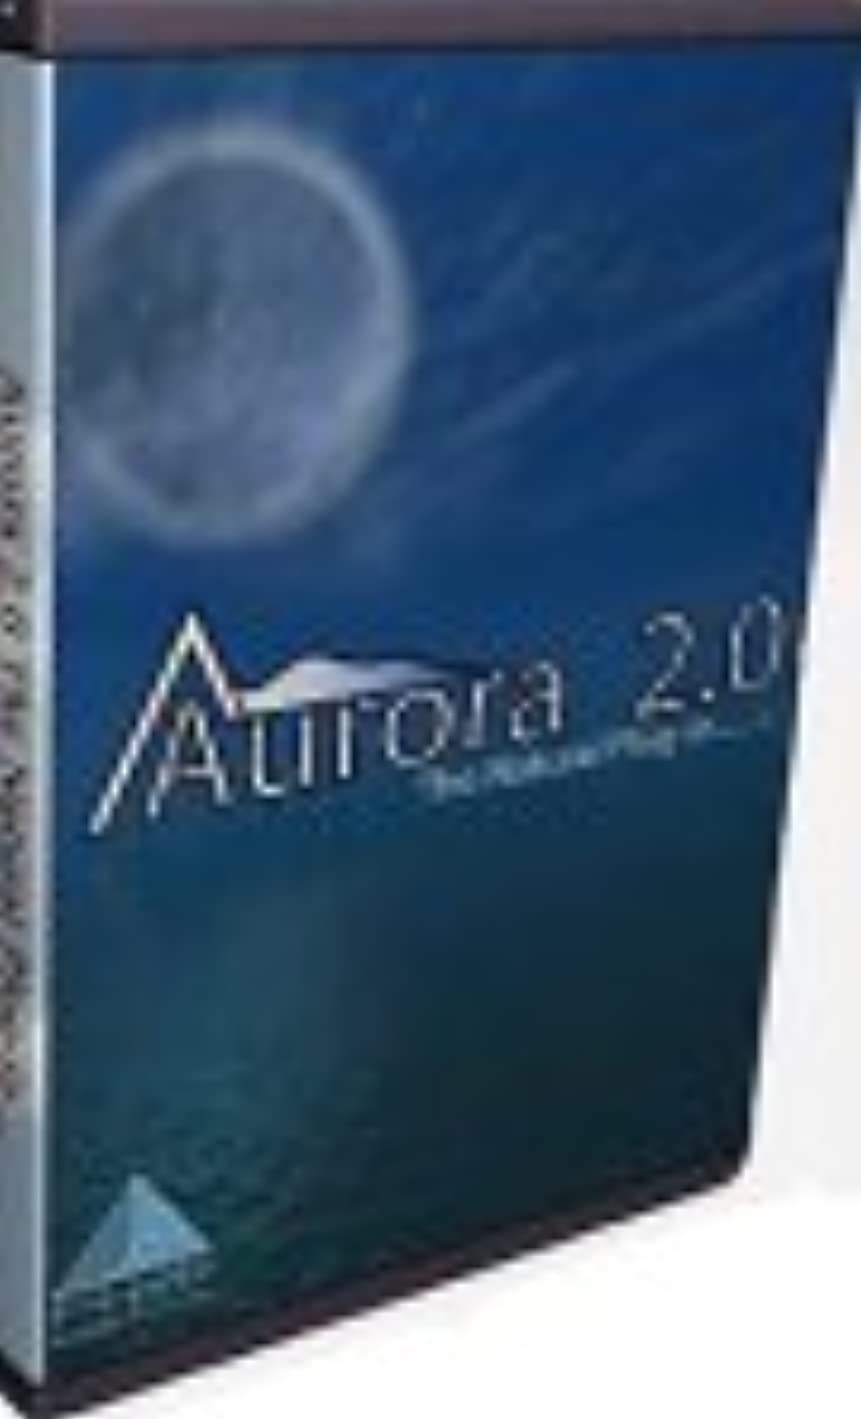 モード毒性液化するAurora 2 <Mac>